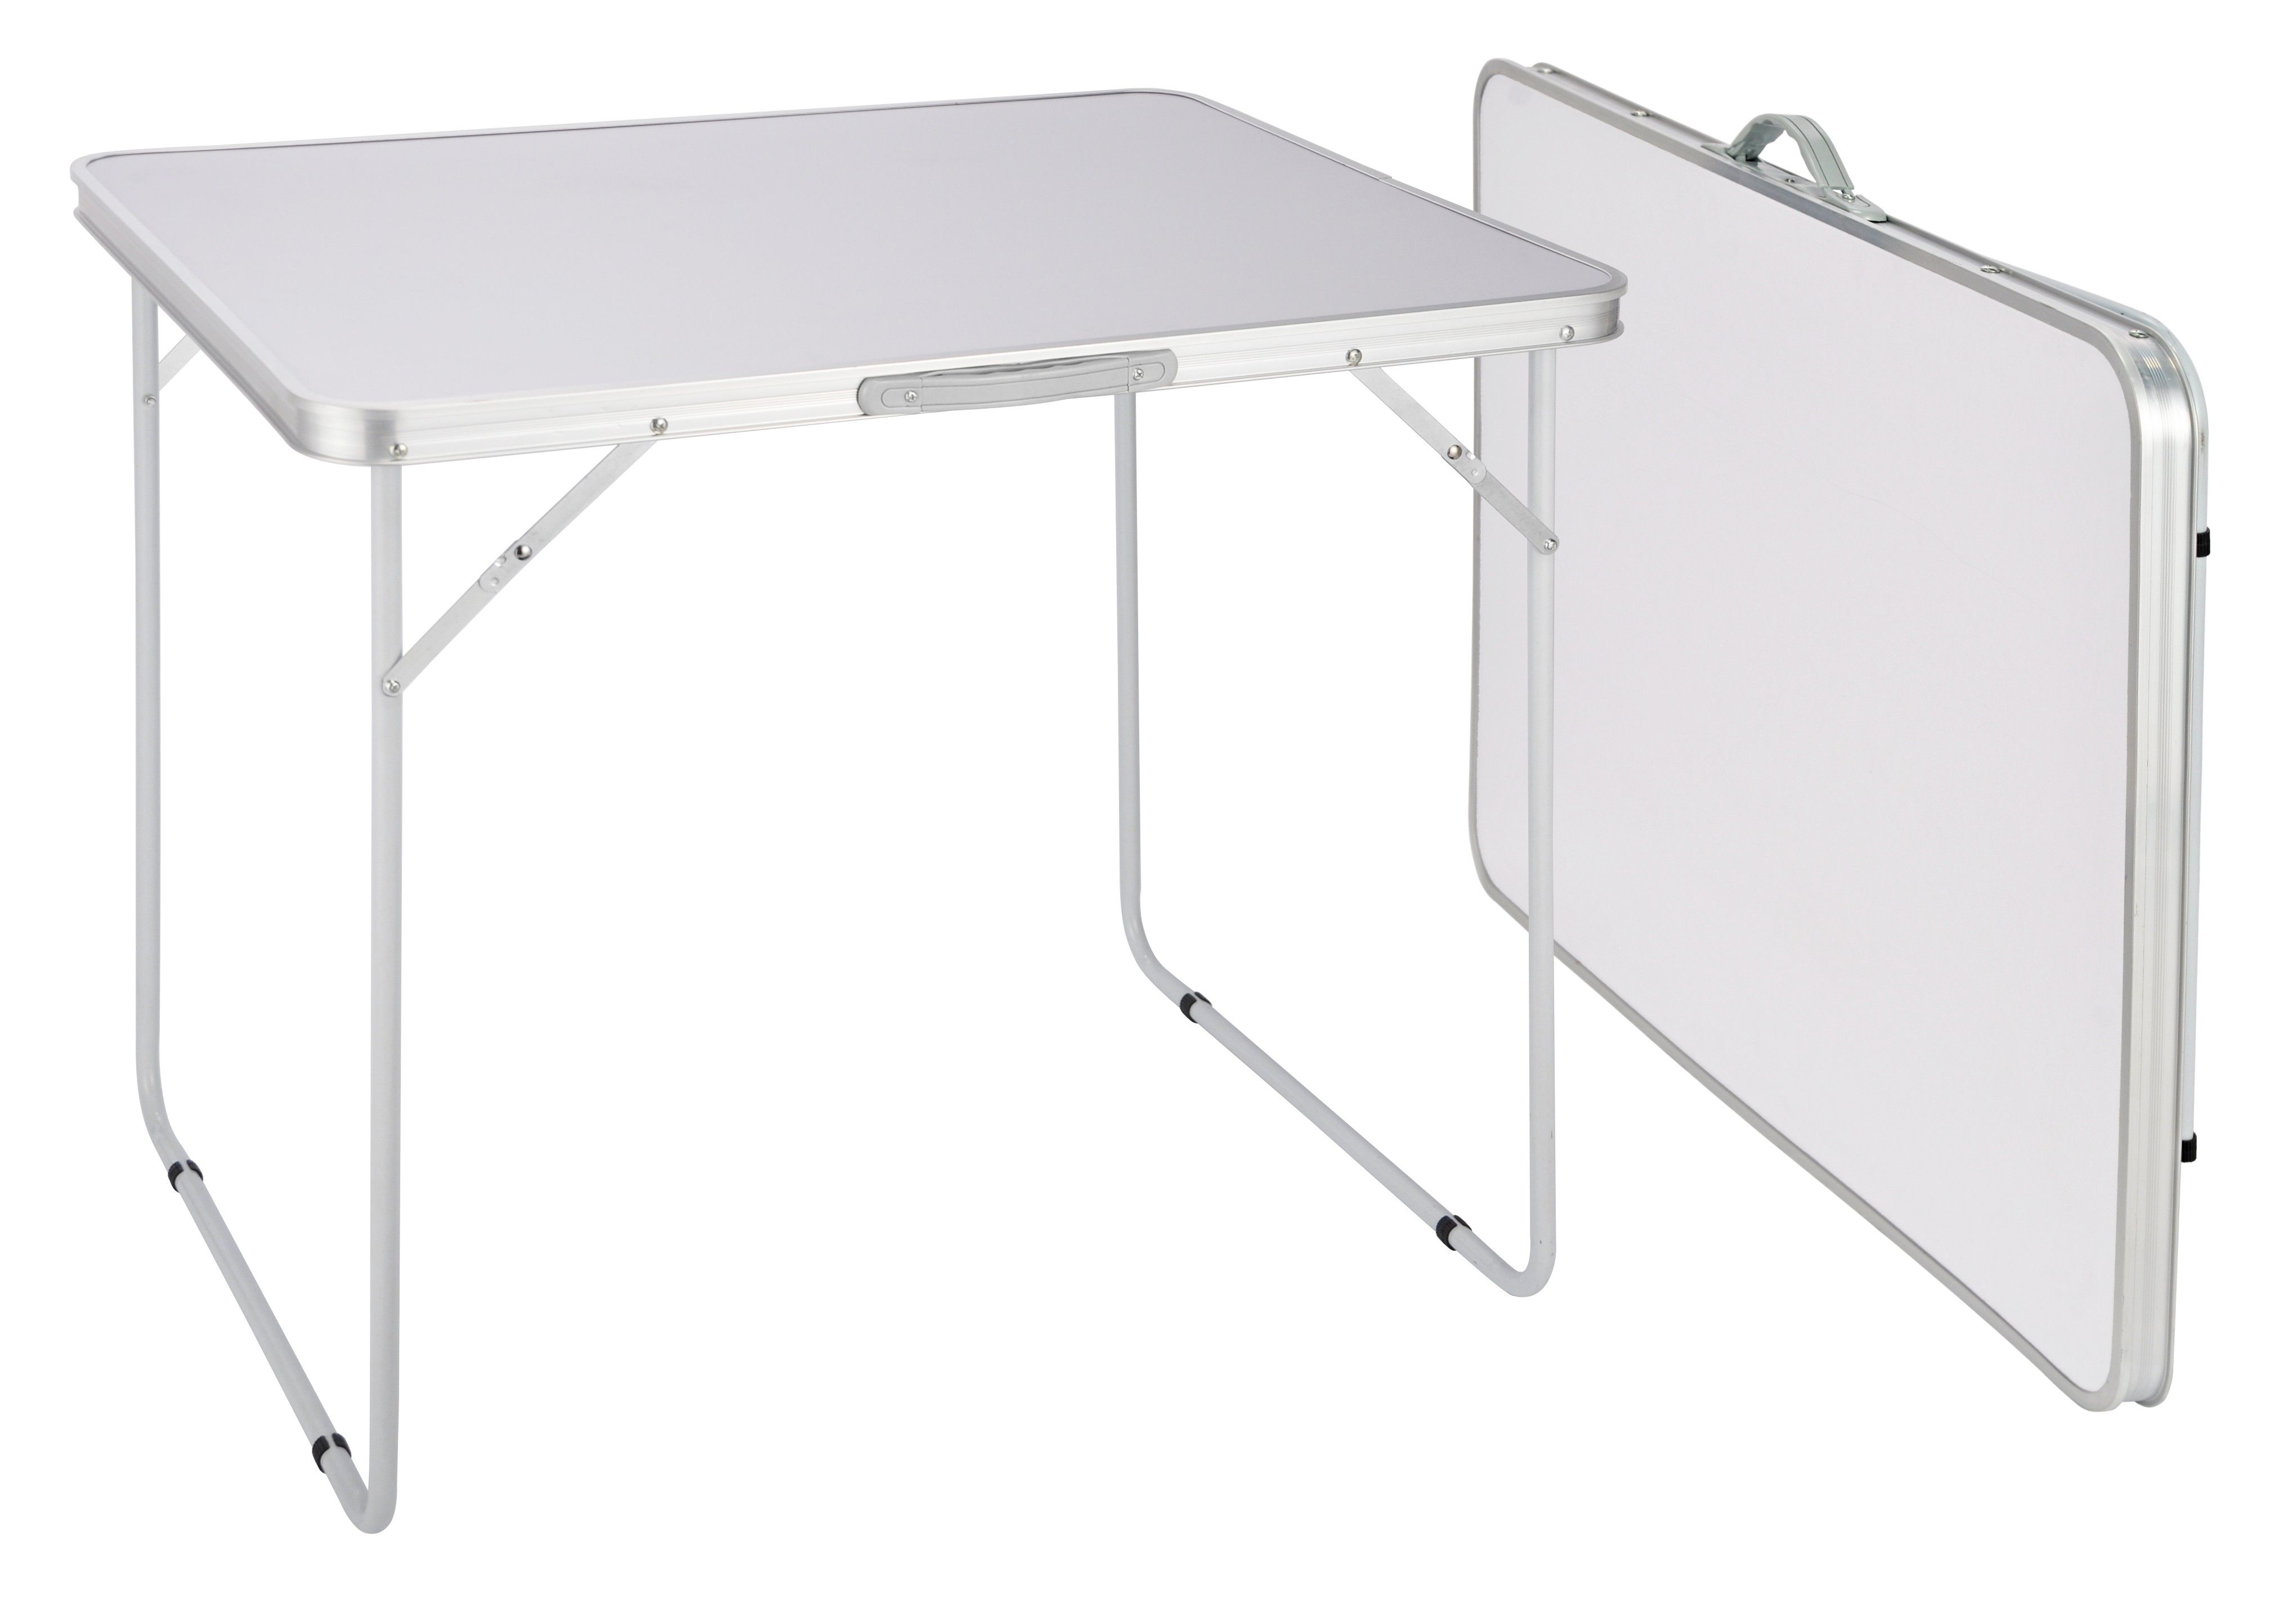 Slikovni Rezultat Za Sklopivi Stolovi Ikea Table Ikea Furniture